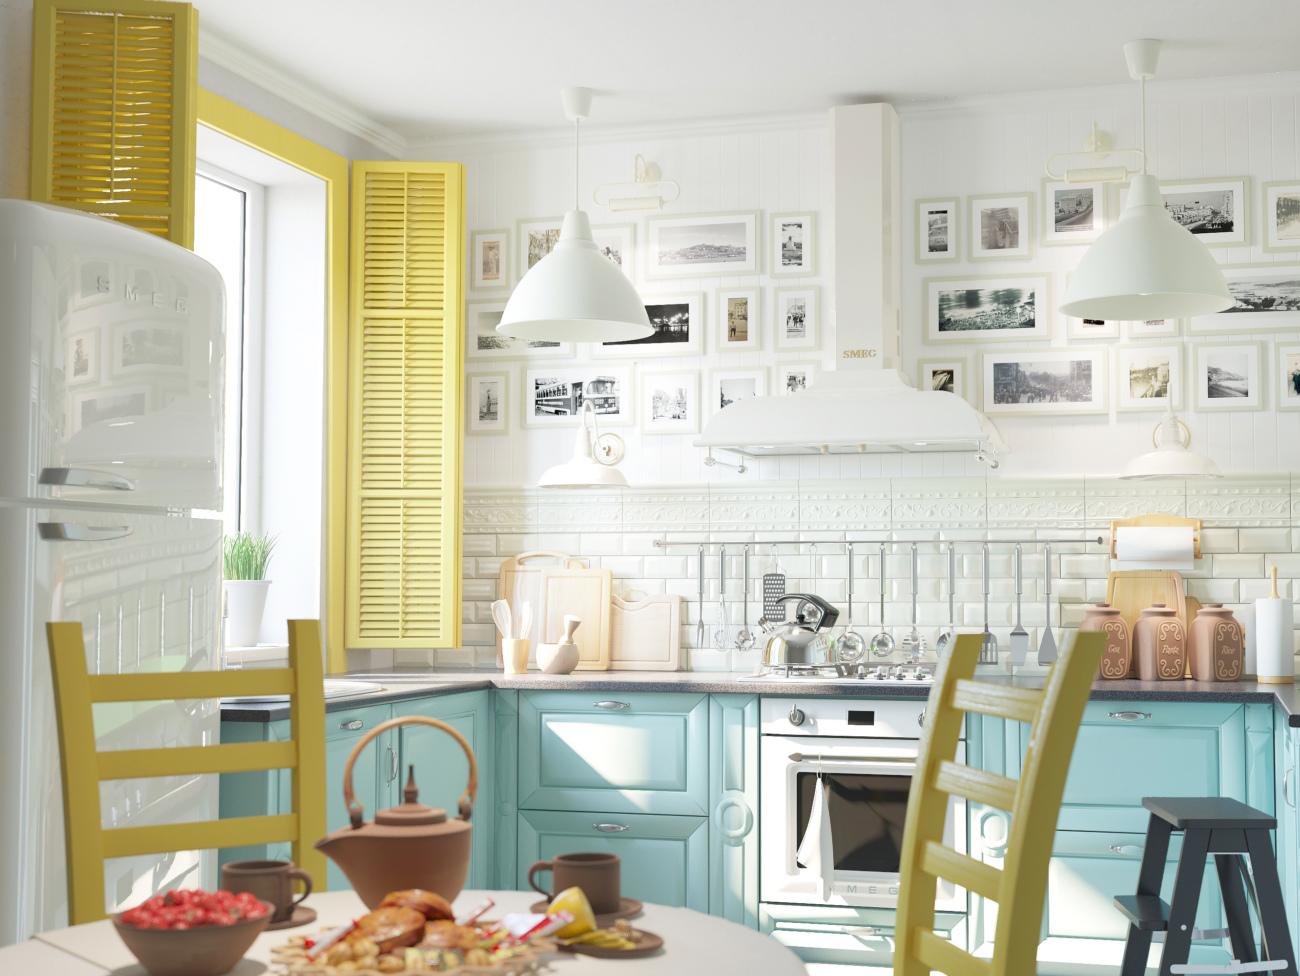 советы по оформлению кухни небольшого размера